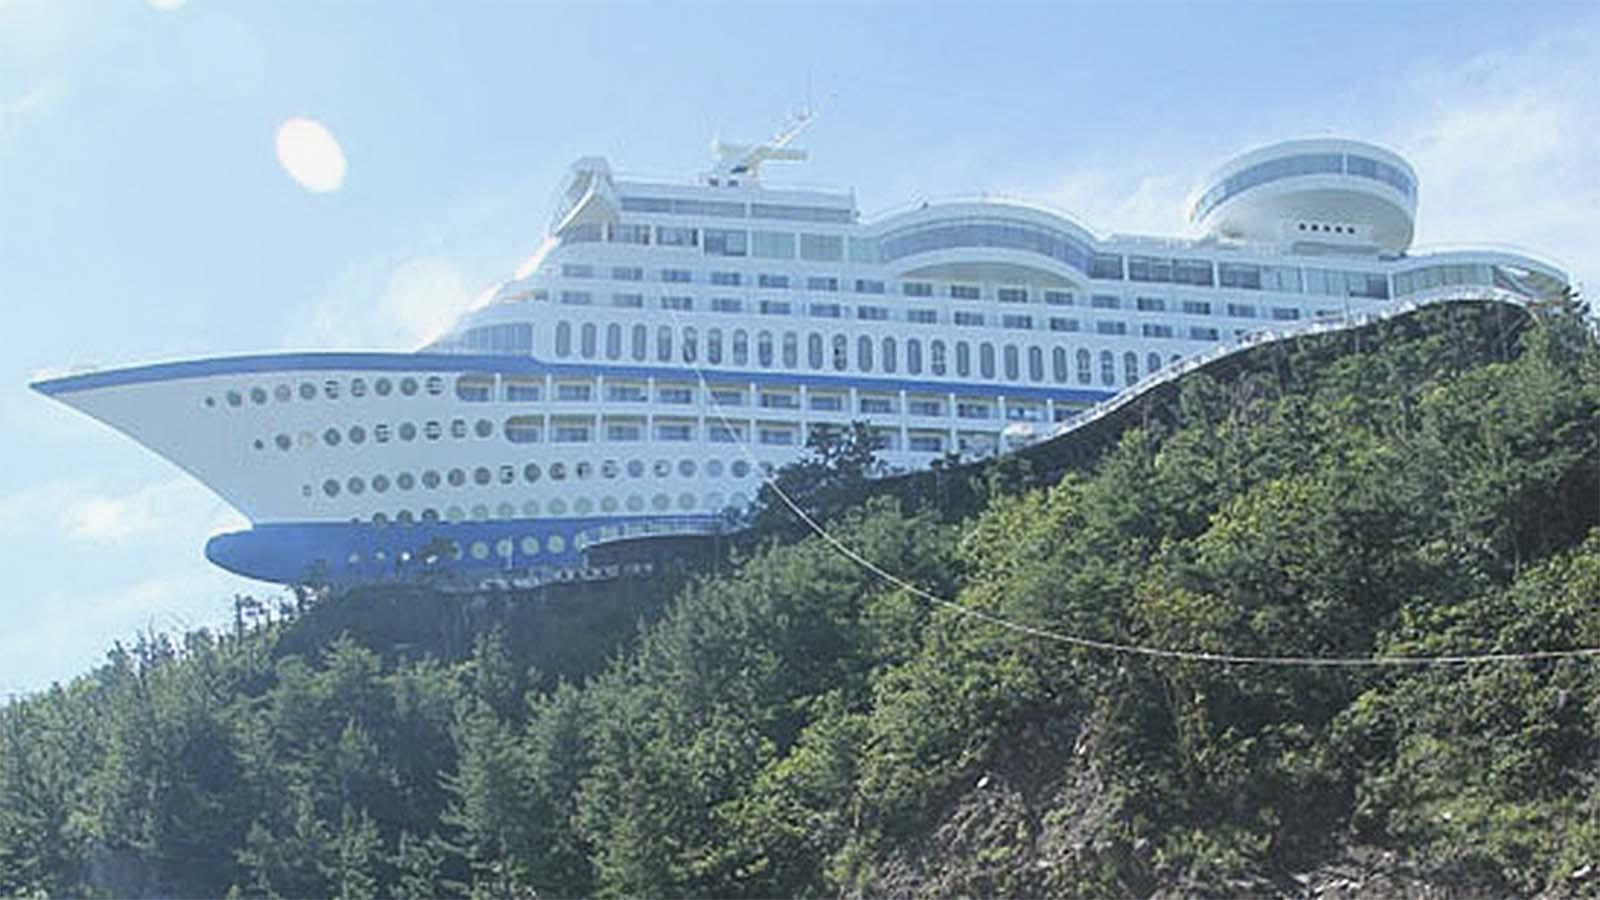 160123205401-strangehotels-sun-cruise-resort.jpg